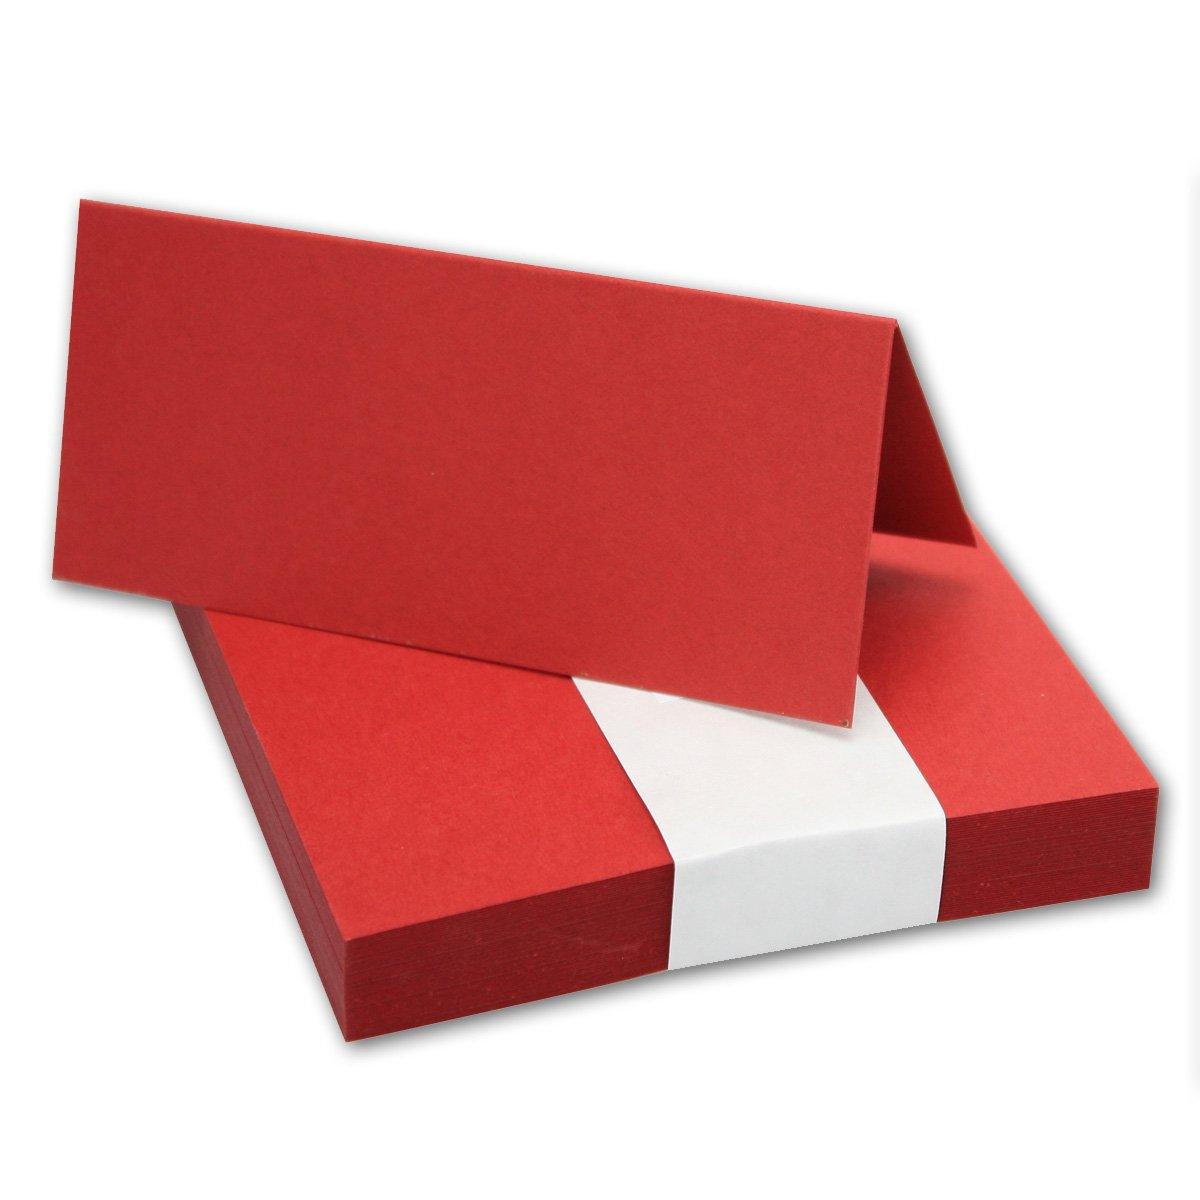 200x Tischkarten in in in Hochweiß I Größe  100 x 90 mm (Gefaltet 100 x 45 mm) I 240 g m² - Sehr Schwere und Stabile Qualität I aus der Serie FarbenFroh von NEUSER  B07FSCG8XK Kartenkartons Angenehmes Aussehen b05d48